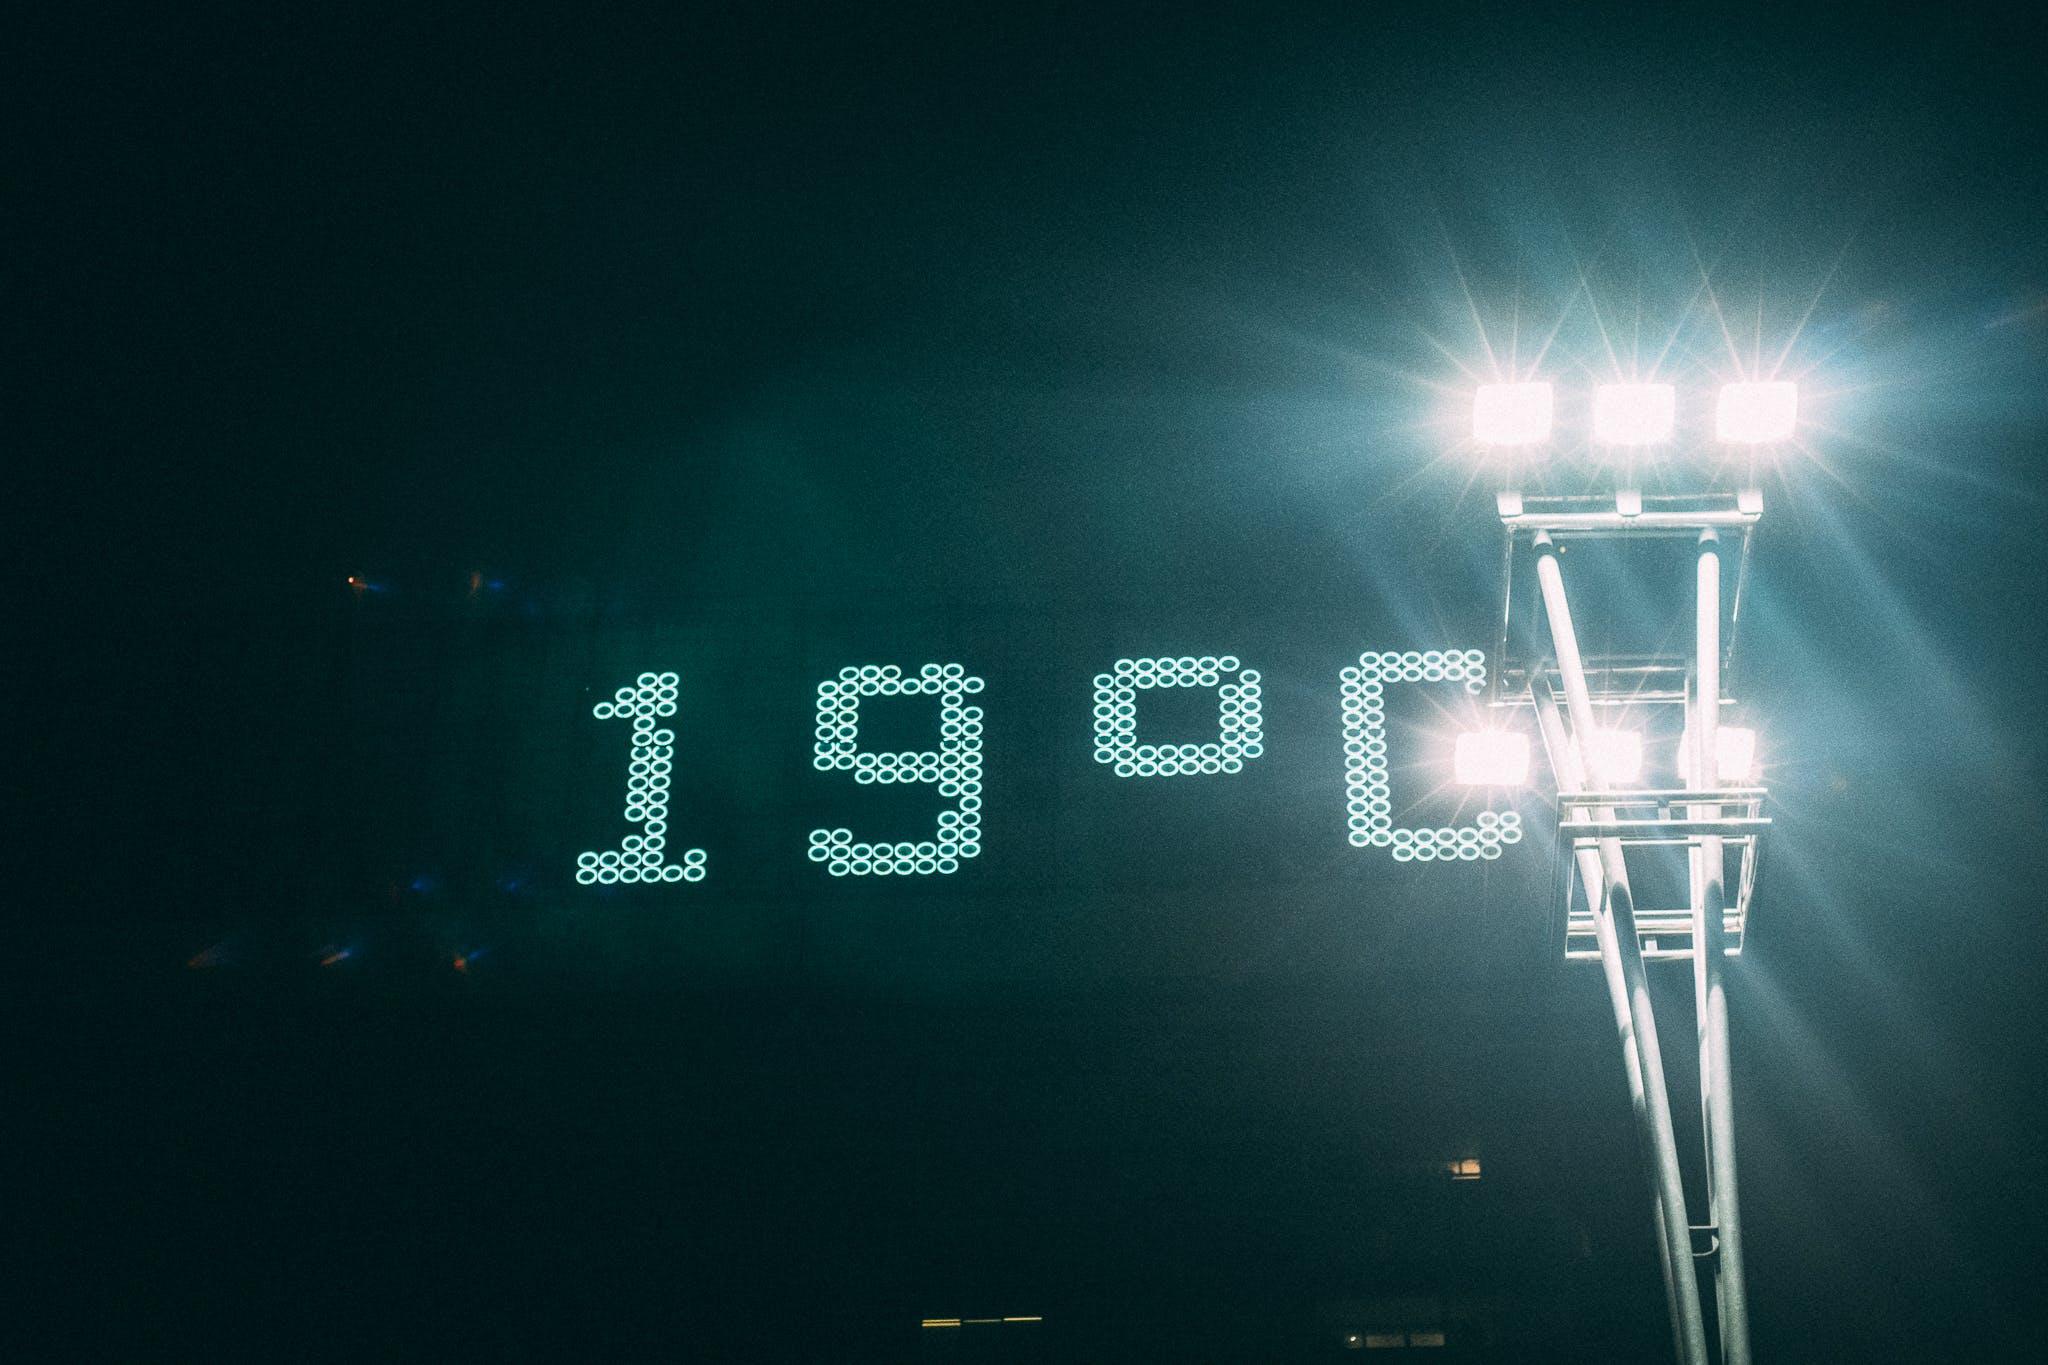 190c Dsiplay